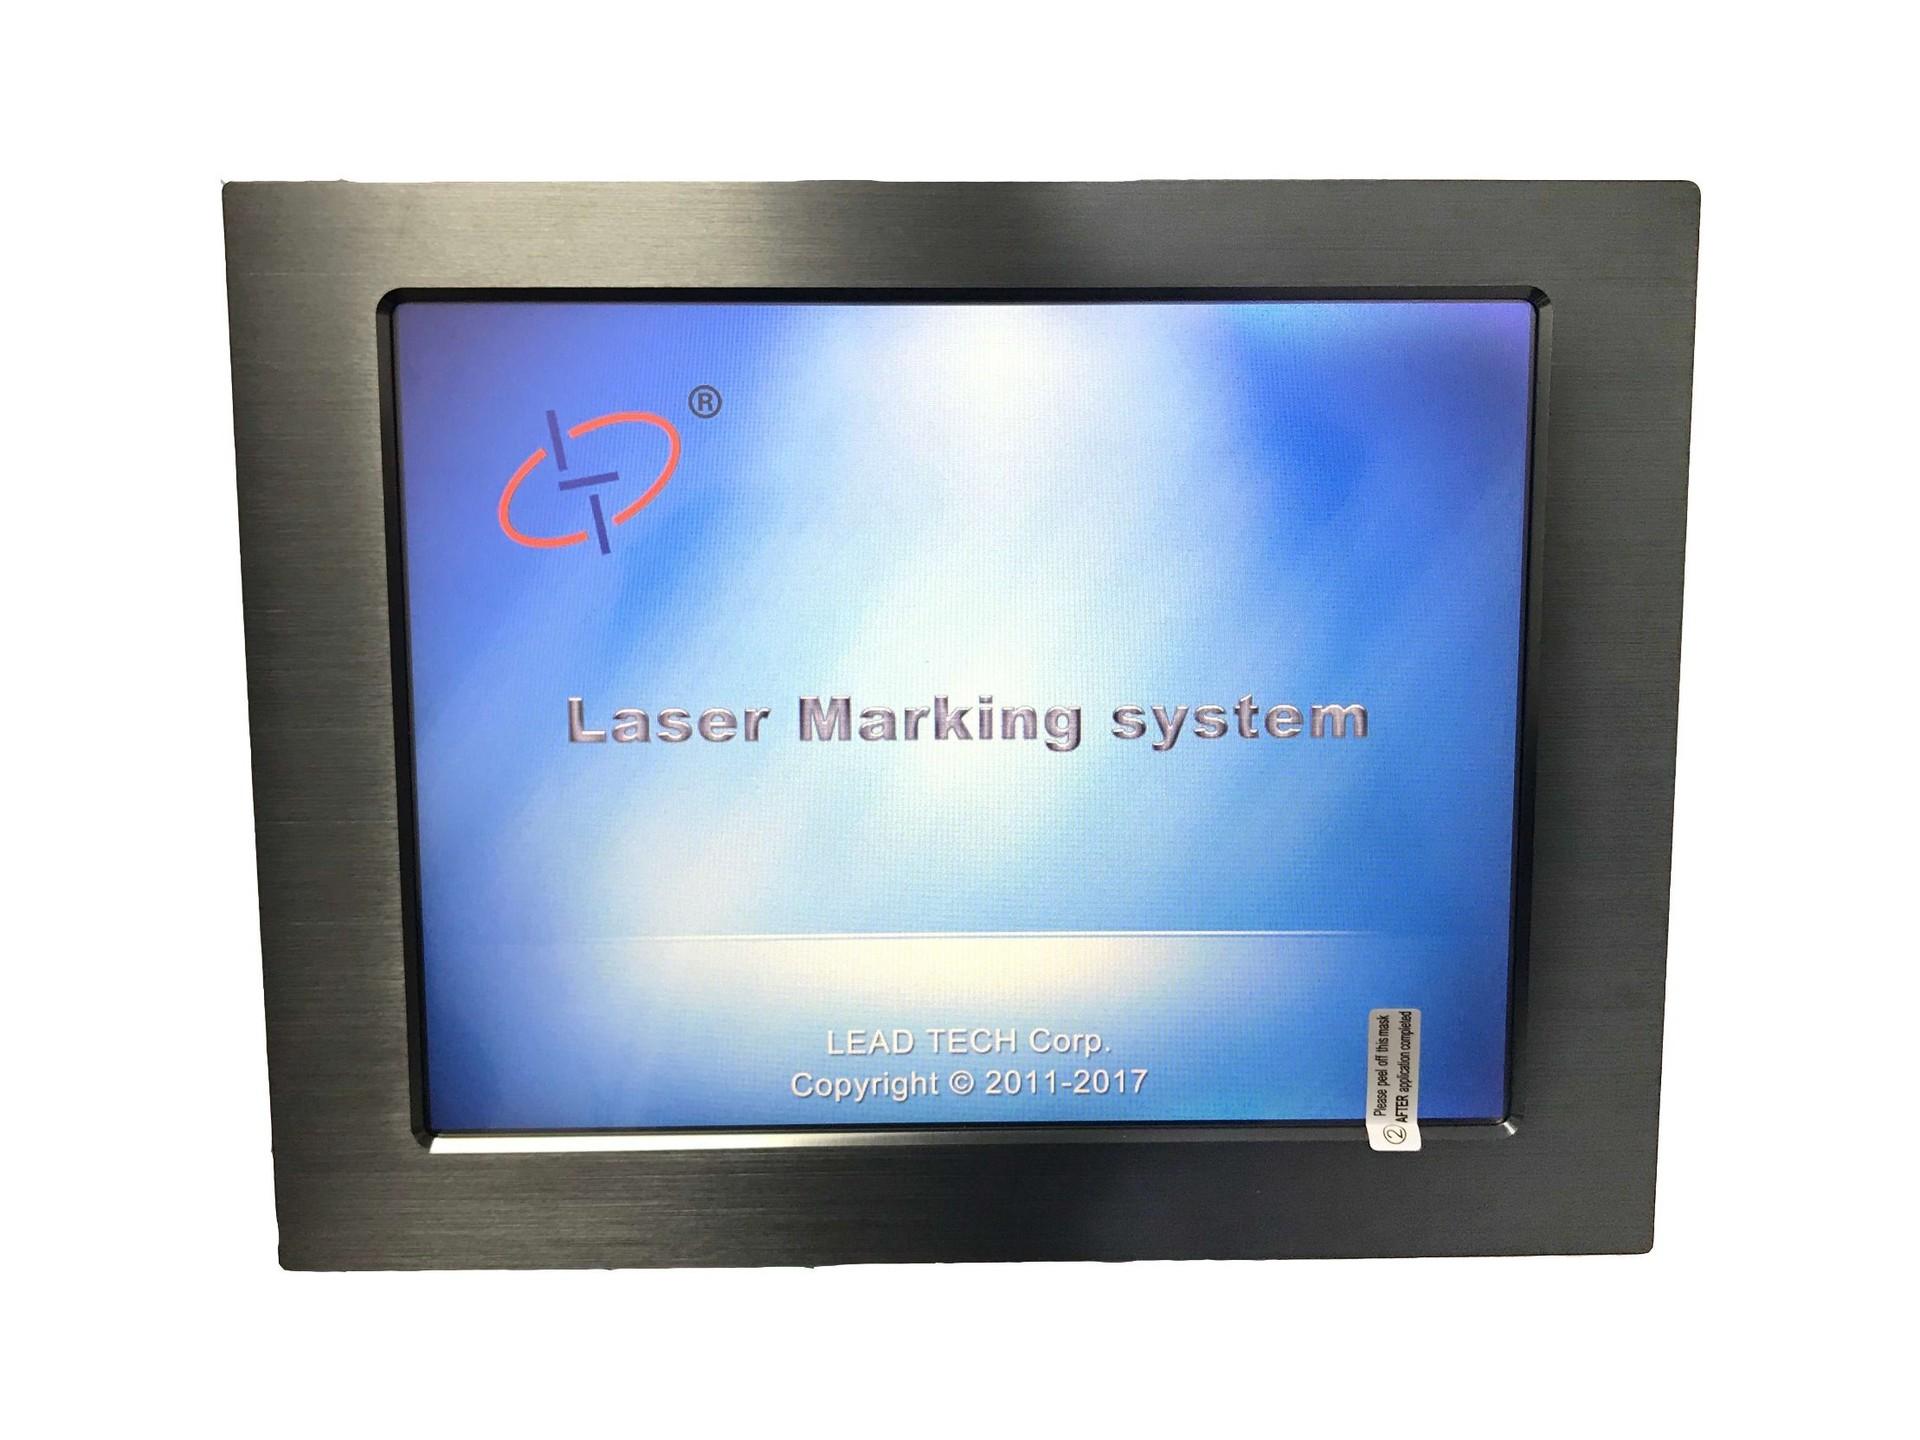 Lt8020f/Lt8030f/Lt8050f Fiber 20W/30W/50W High Precision Efficient Lasermarking Machine for PPR/PE/PVC Pipe